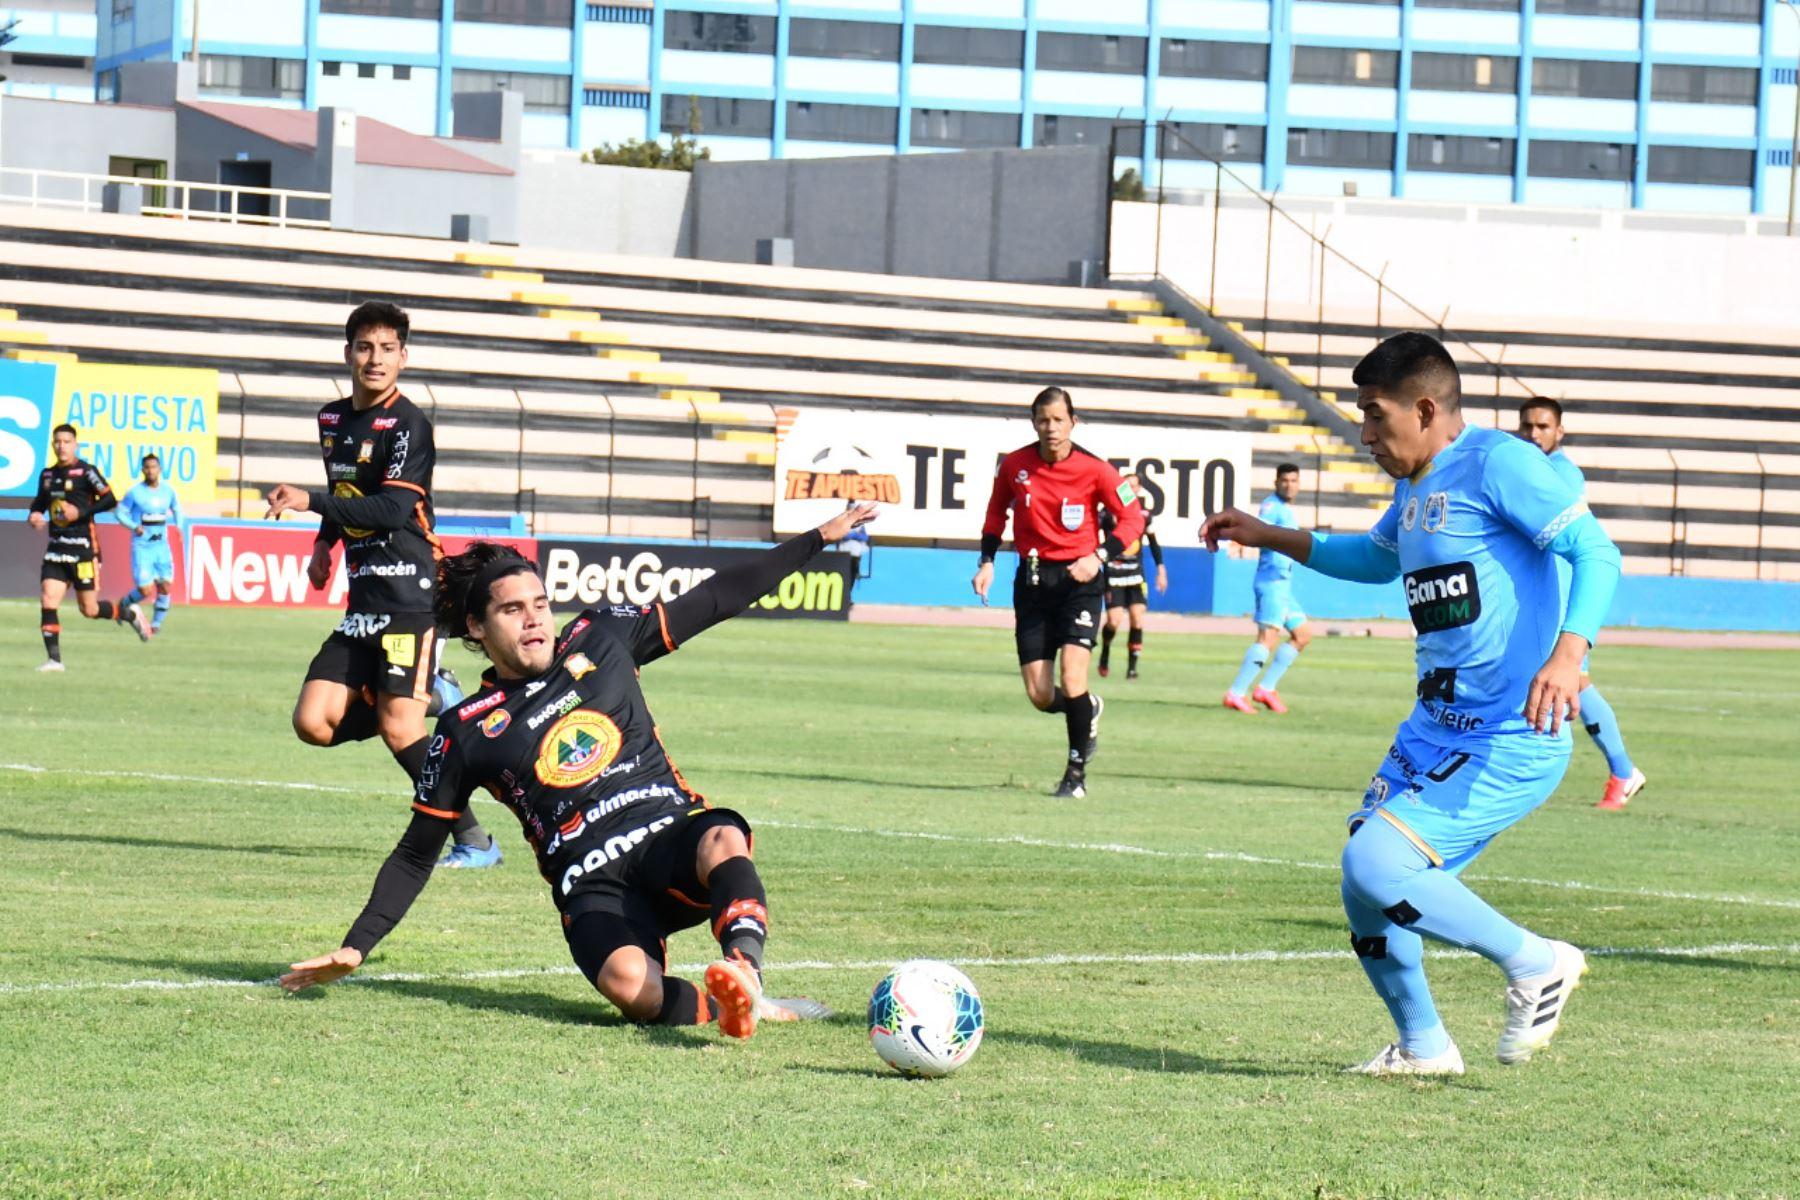 Binacional y Ayacucho F.C. se enfrentan por la fecha 13 del Torneo Apertura. Foto: Liga 1